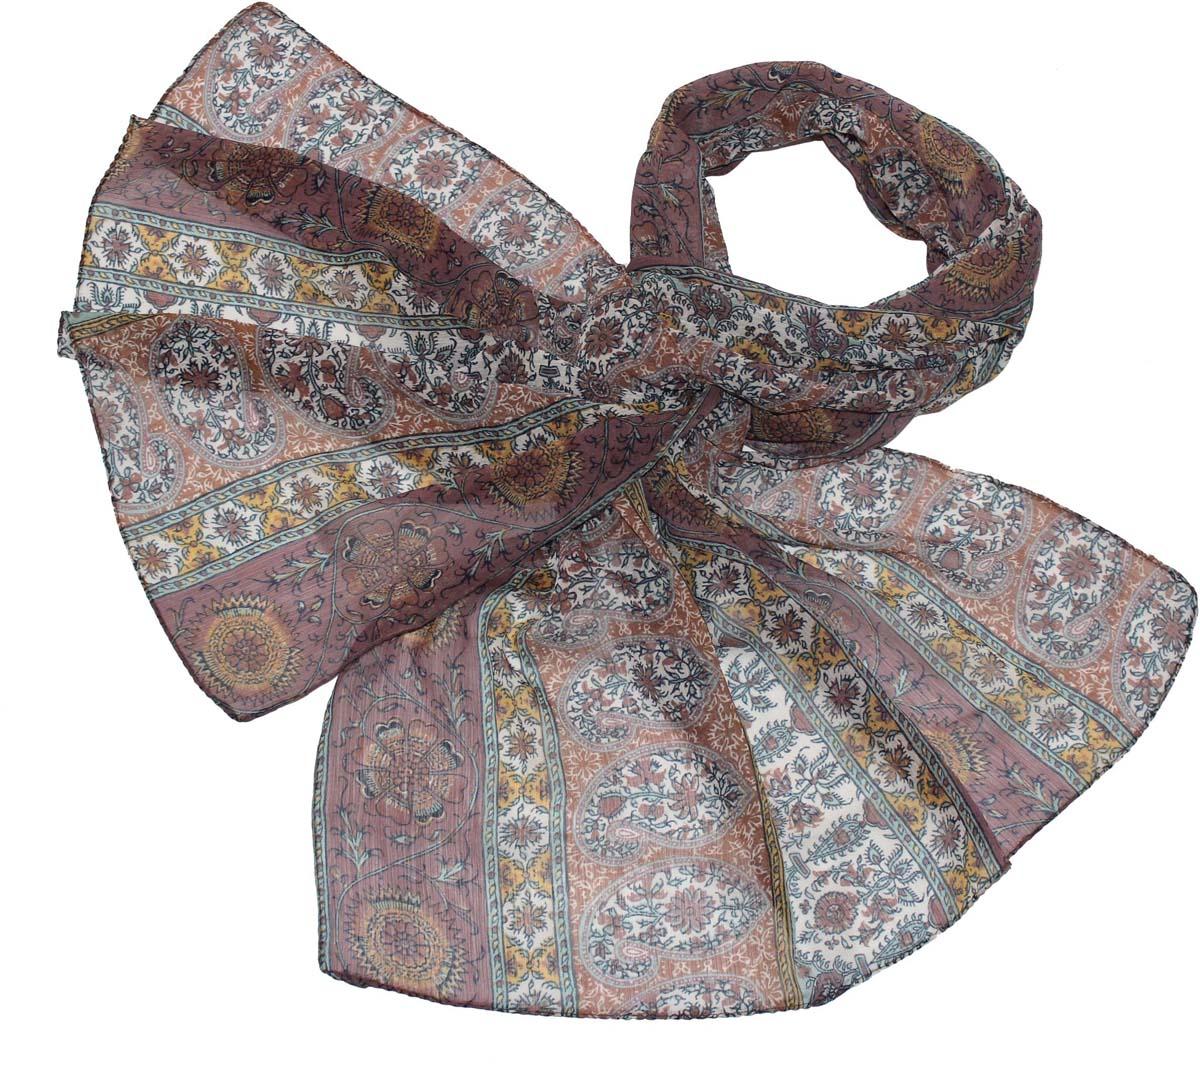 Шарф женский Ethnica, цвет: бордовый, белый. 262040. Размер 50 см х 170 см262040Стильный шарф привлекательной расцветки изготовлен из 100% вискозы. Он удачно дополнит ваш гардероб и поможет создать новый повседневный образ, добавить в него яркие краски. Отличный вариант для тех, кто стремится к самовыражению и новизне!